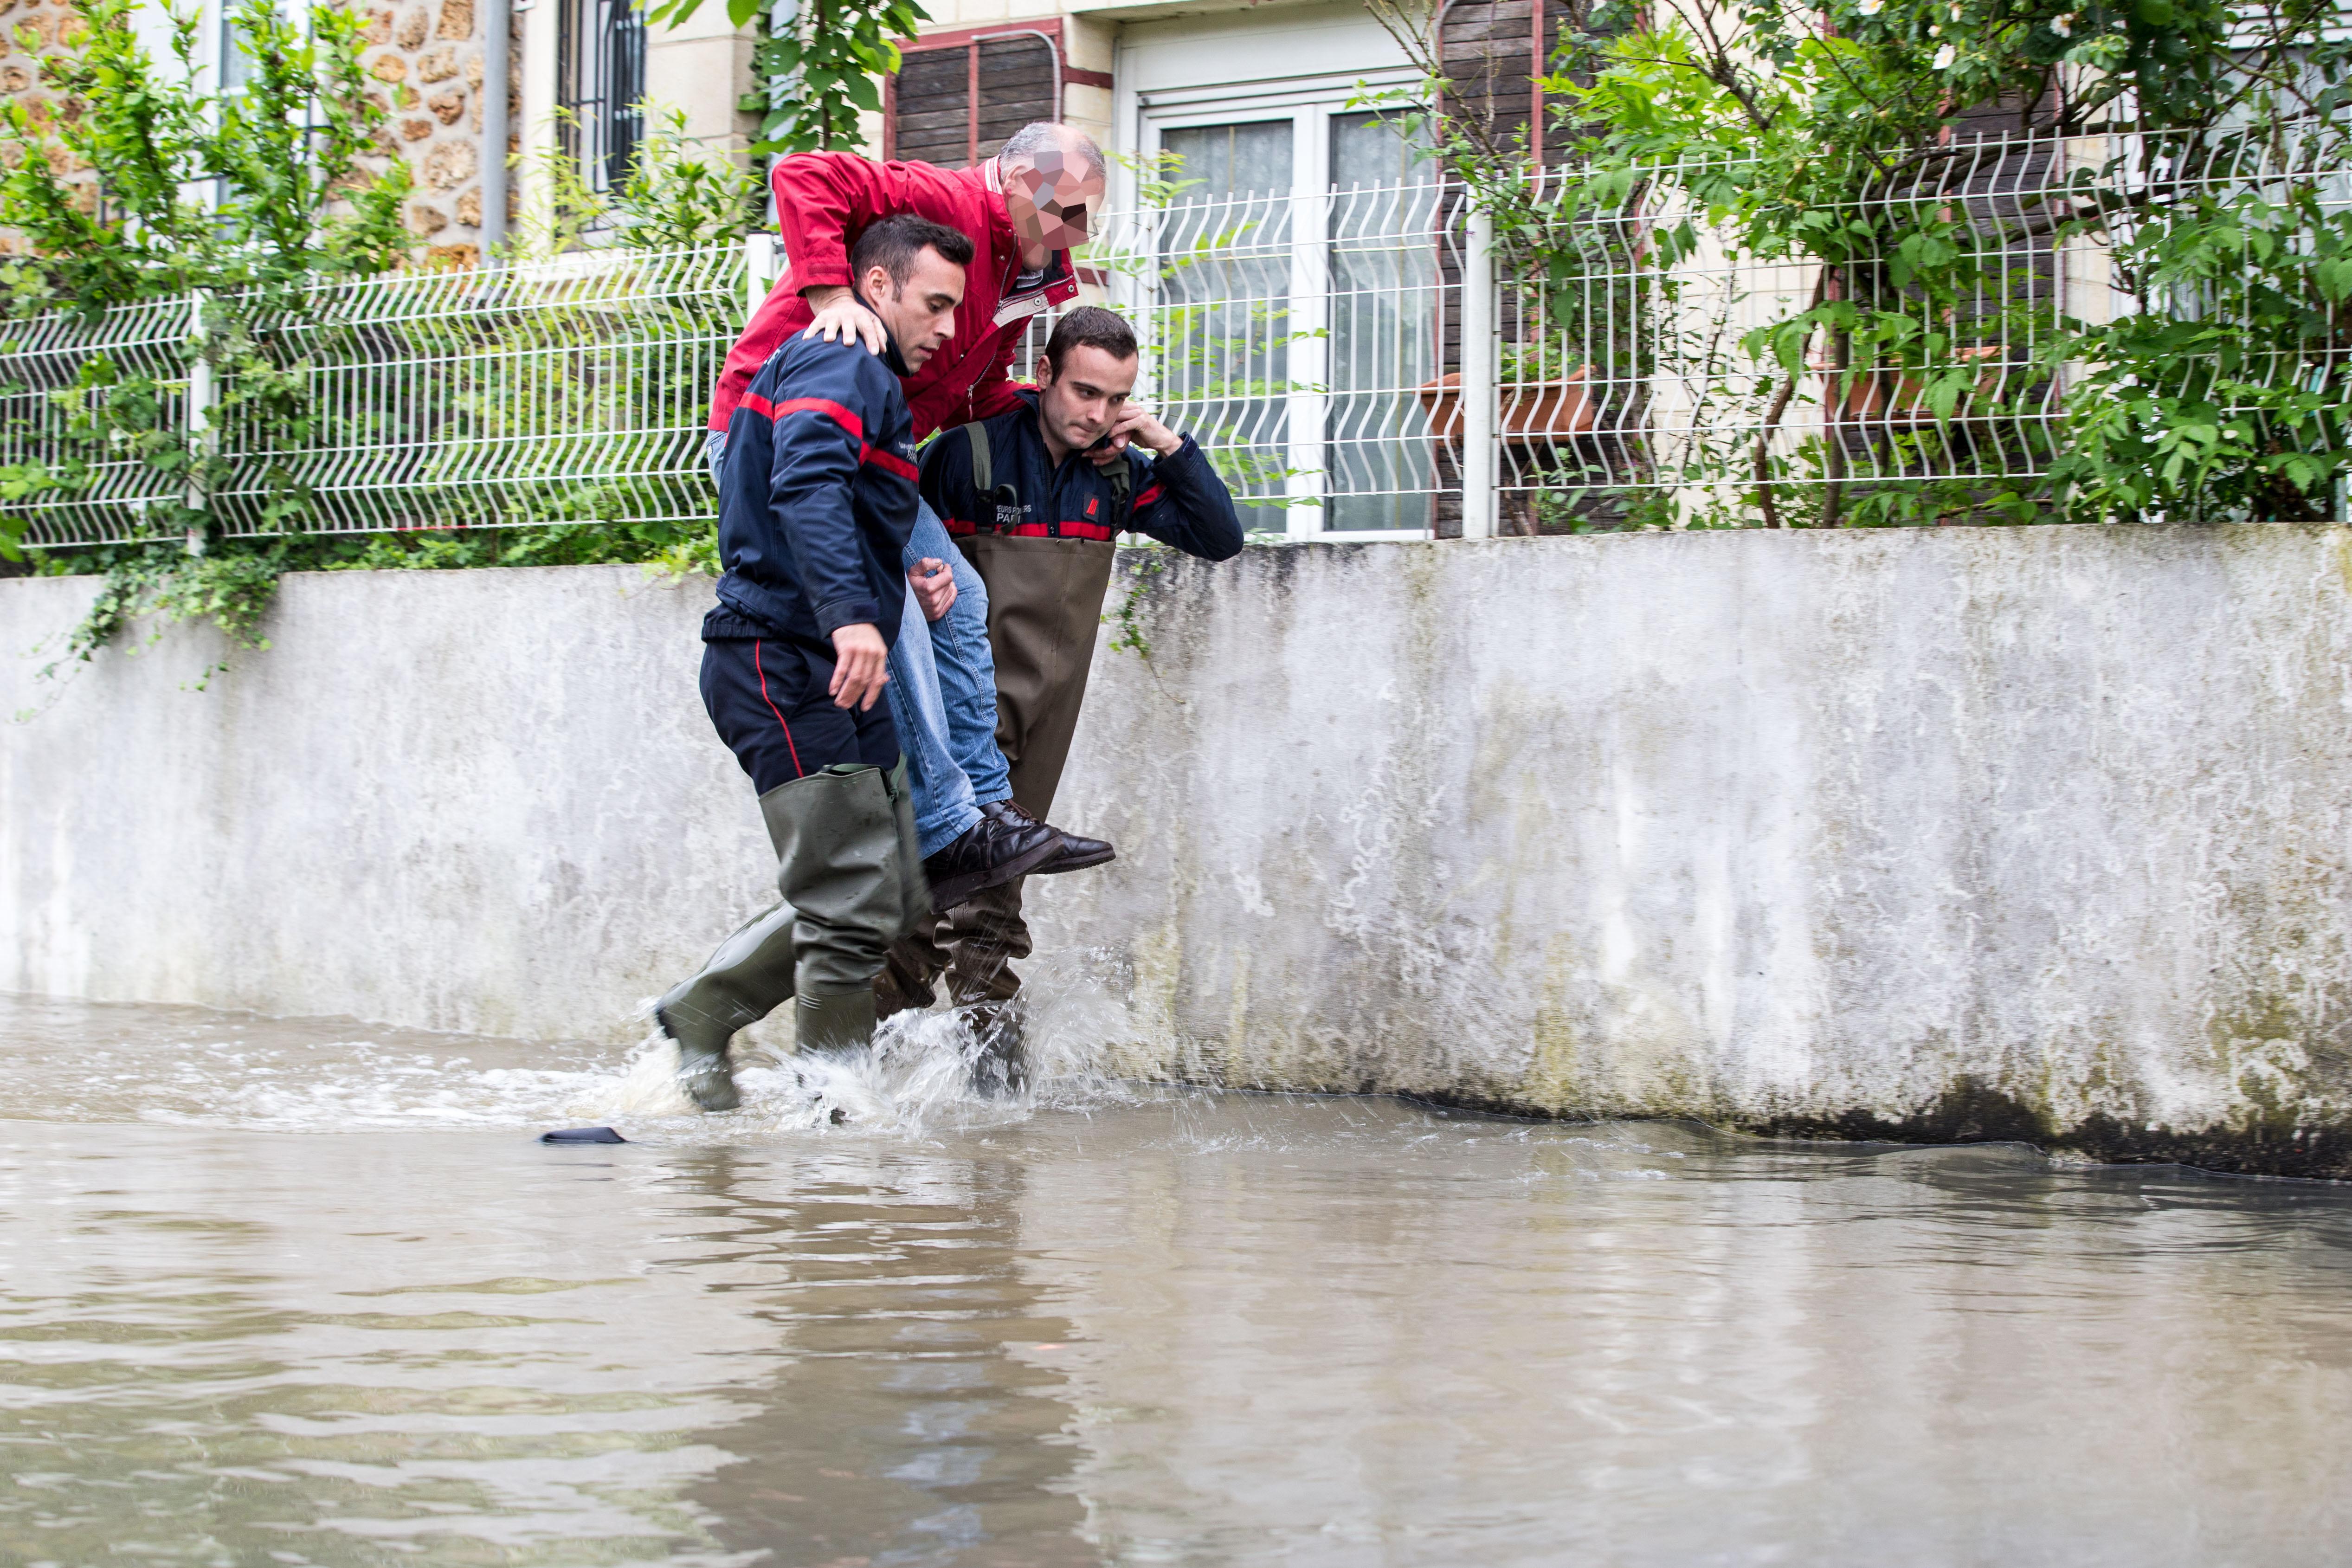 Pompiers de Paris Villeneuve Saint Georges Juin 2016 Photo Mickael Lefevre 4